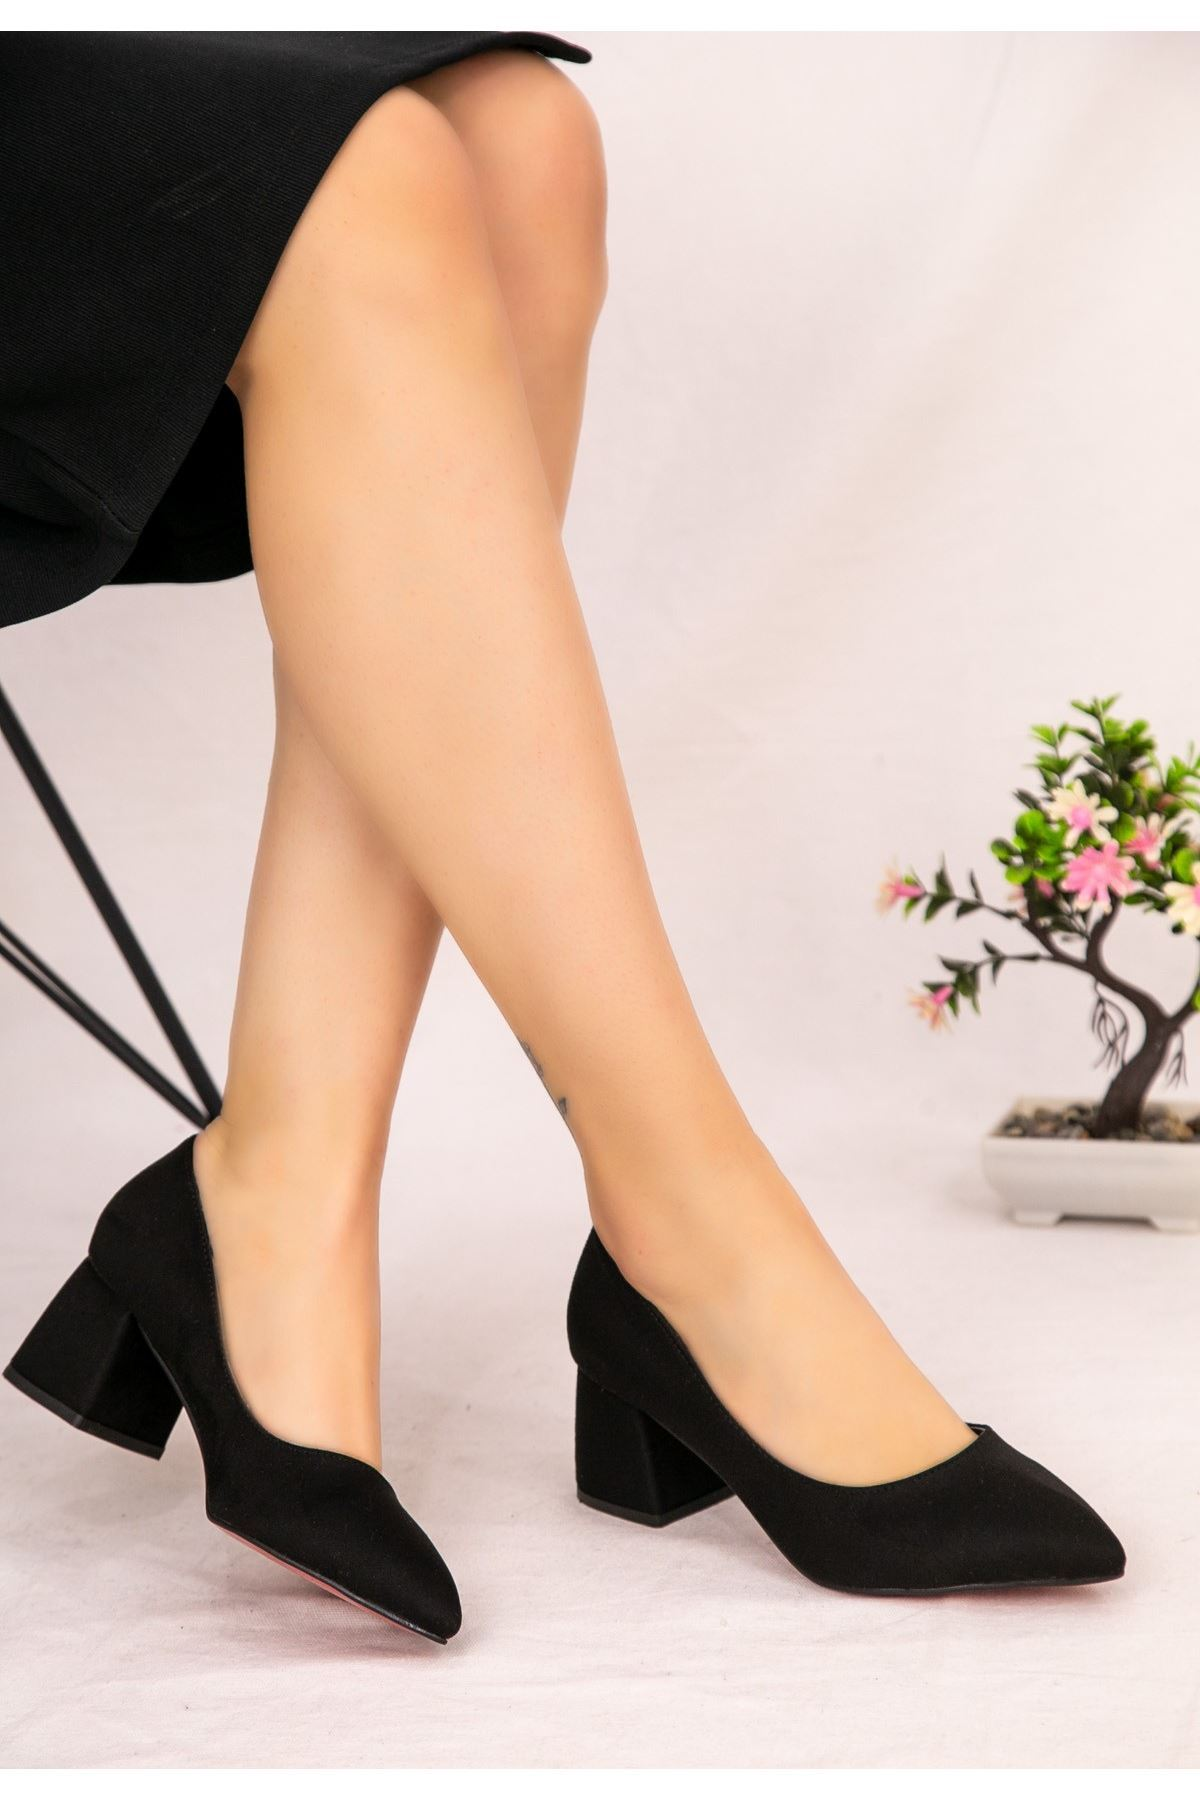 Seis Siyah Süet Topuklu Ayakkabı